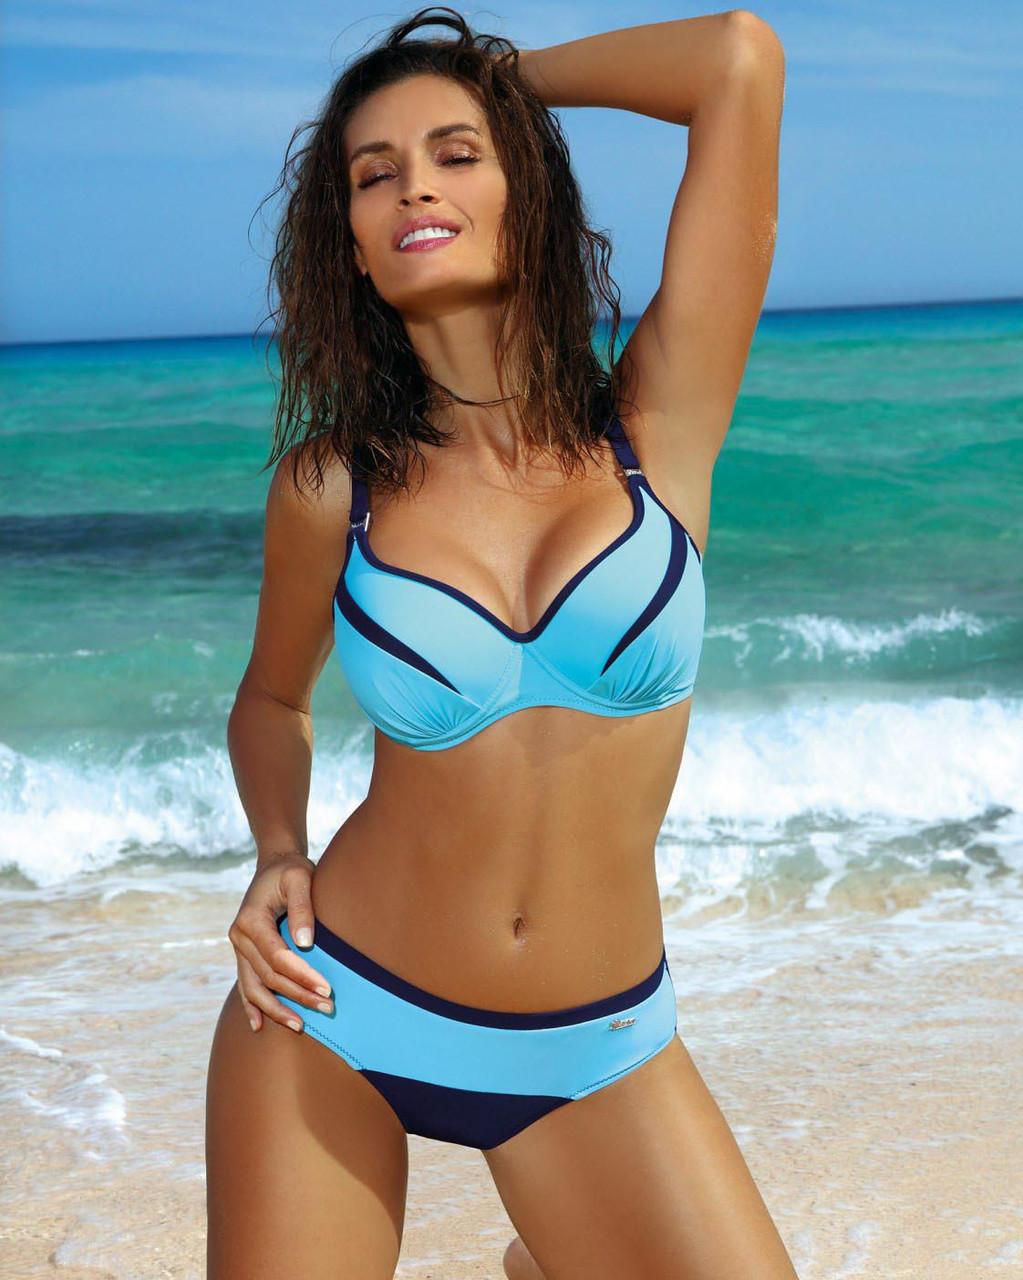 Купальник для большой груди M 473 BARBRA (75С-90H в расцветках) - Интернет-магазин Кокетка: женские купальники, нижнее женское белье, одежда в Луцке